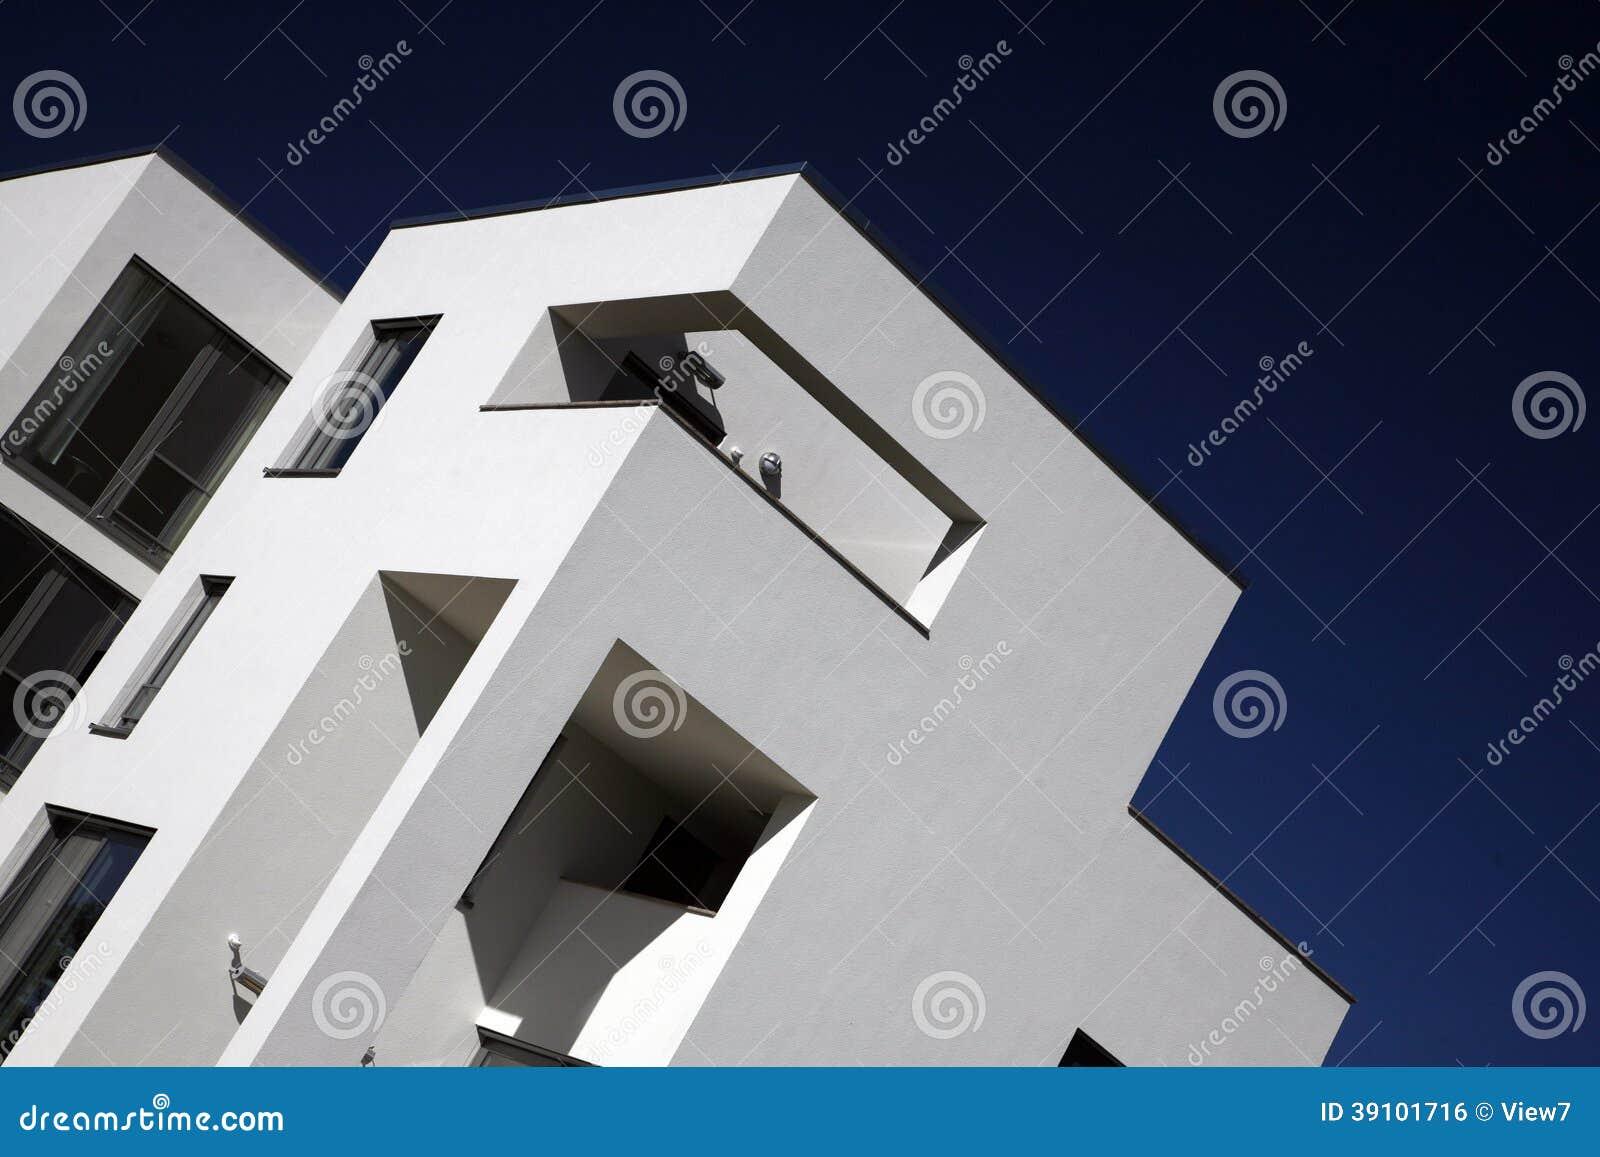 Bauhausarchitectuur